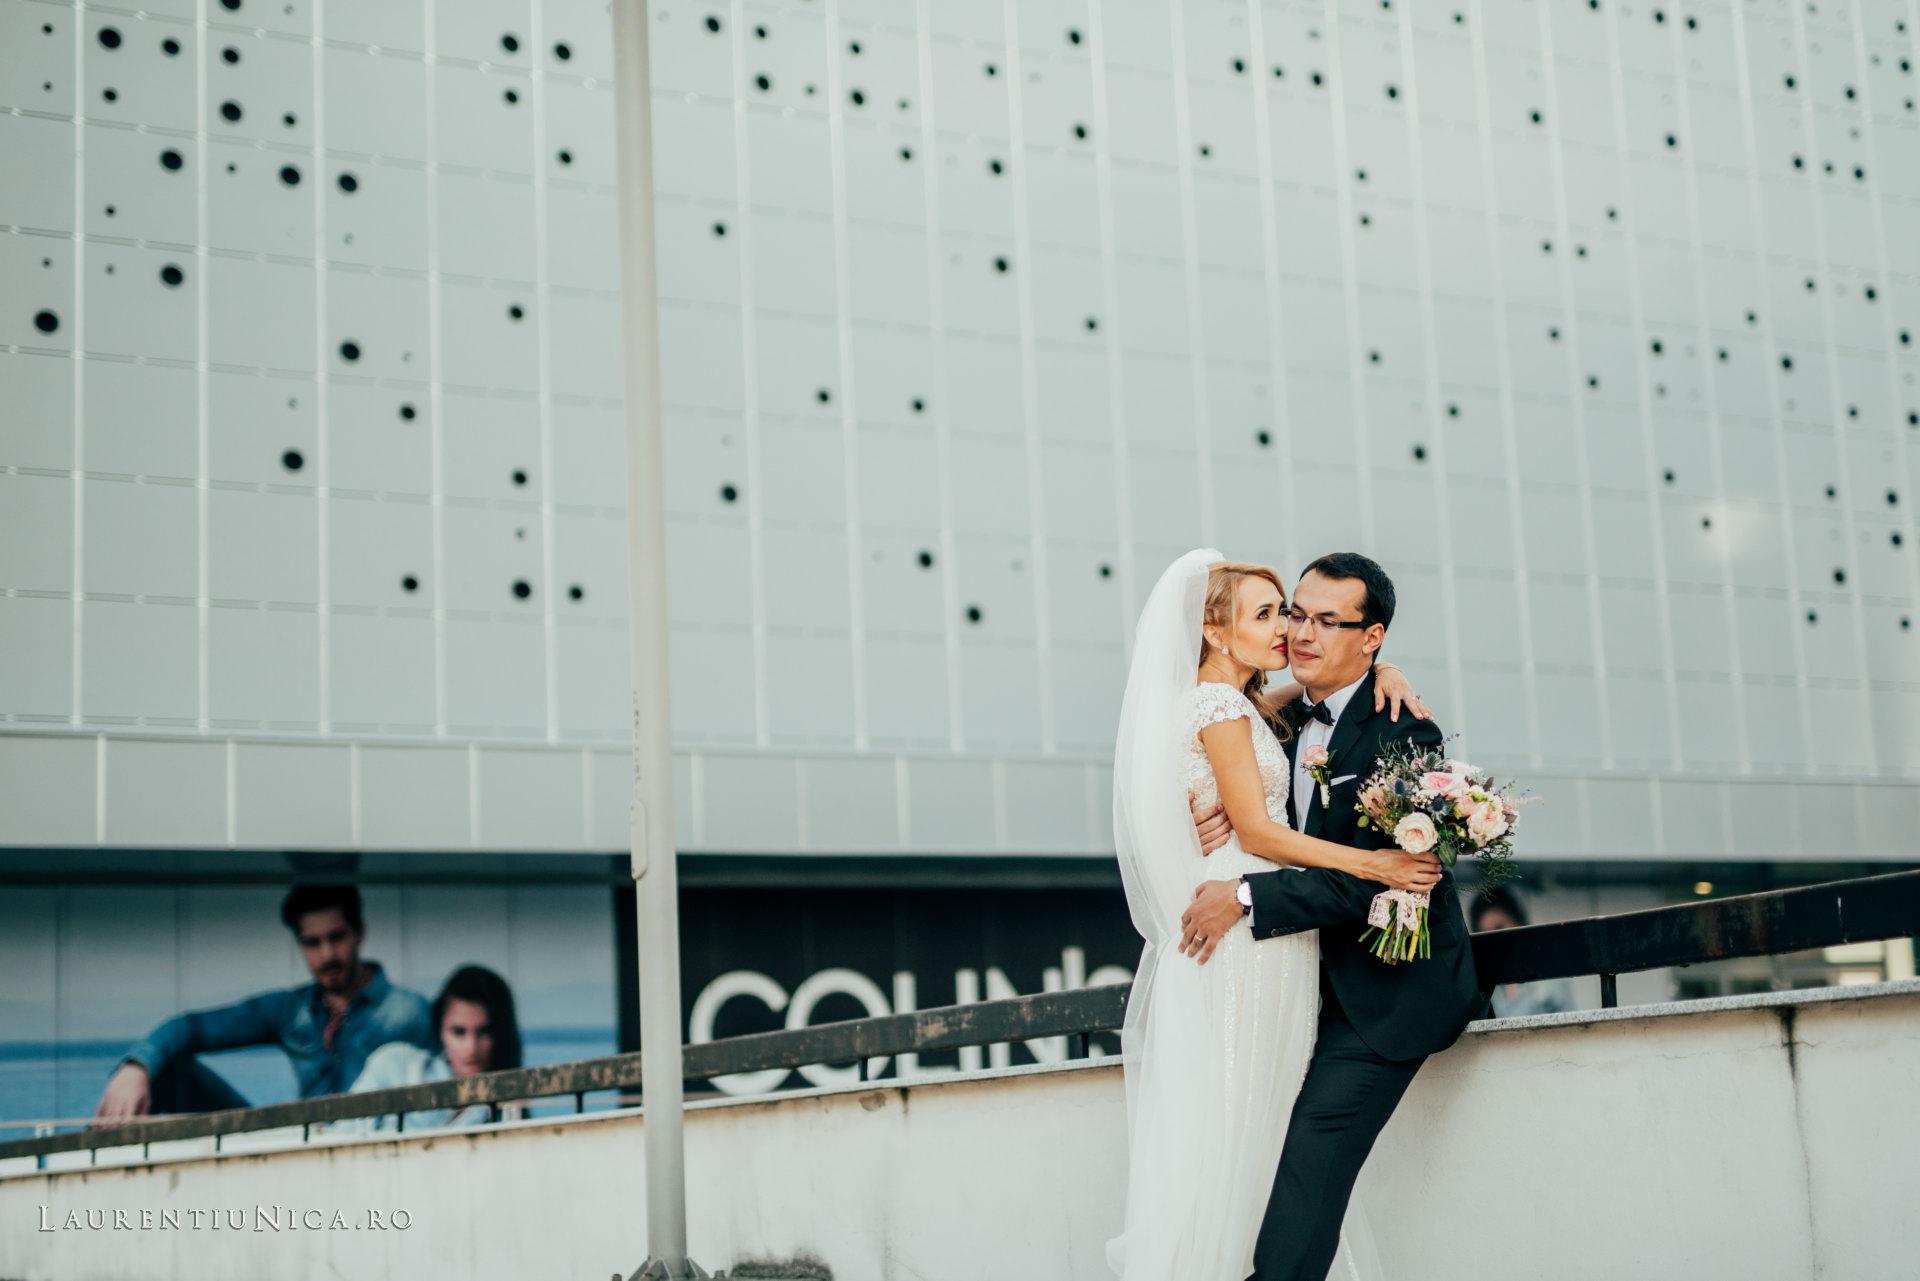 alina si razvan craiova fotograf nunta laurentiu nica59 - Alina & Razvan | Fotografii nunta